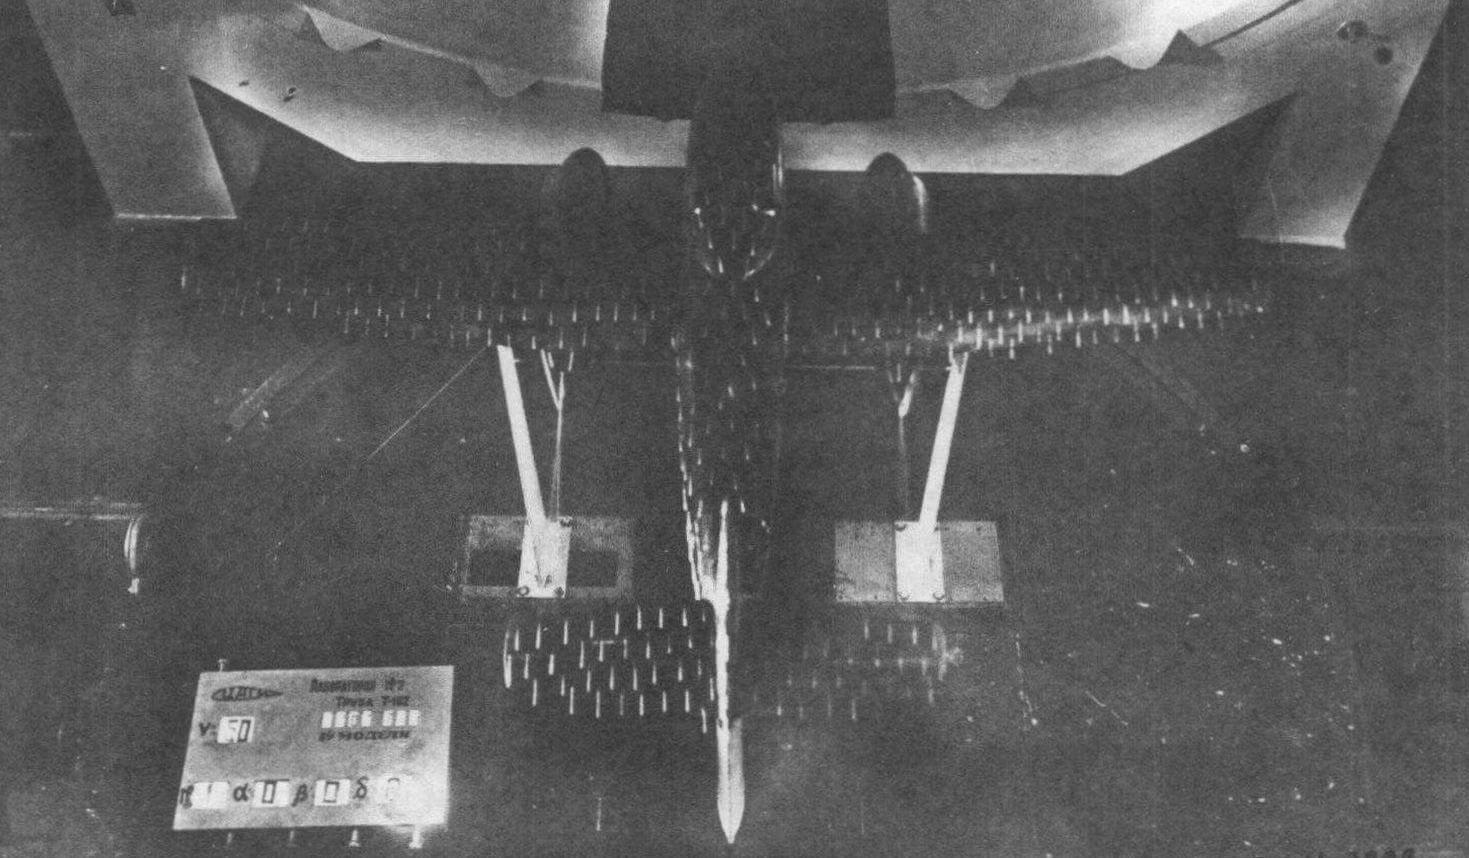 Исследование обтекания модели самолета Як-200 в аэродинамической трубе Т-102 ЦАГИ